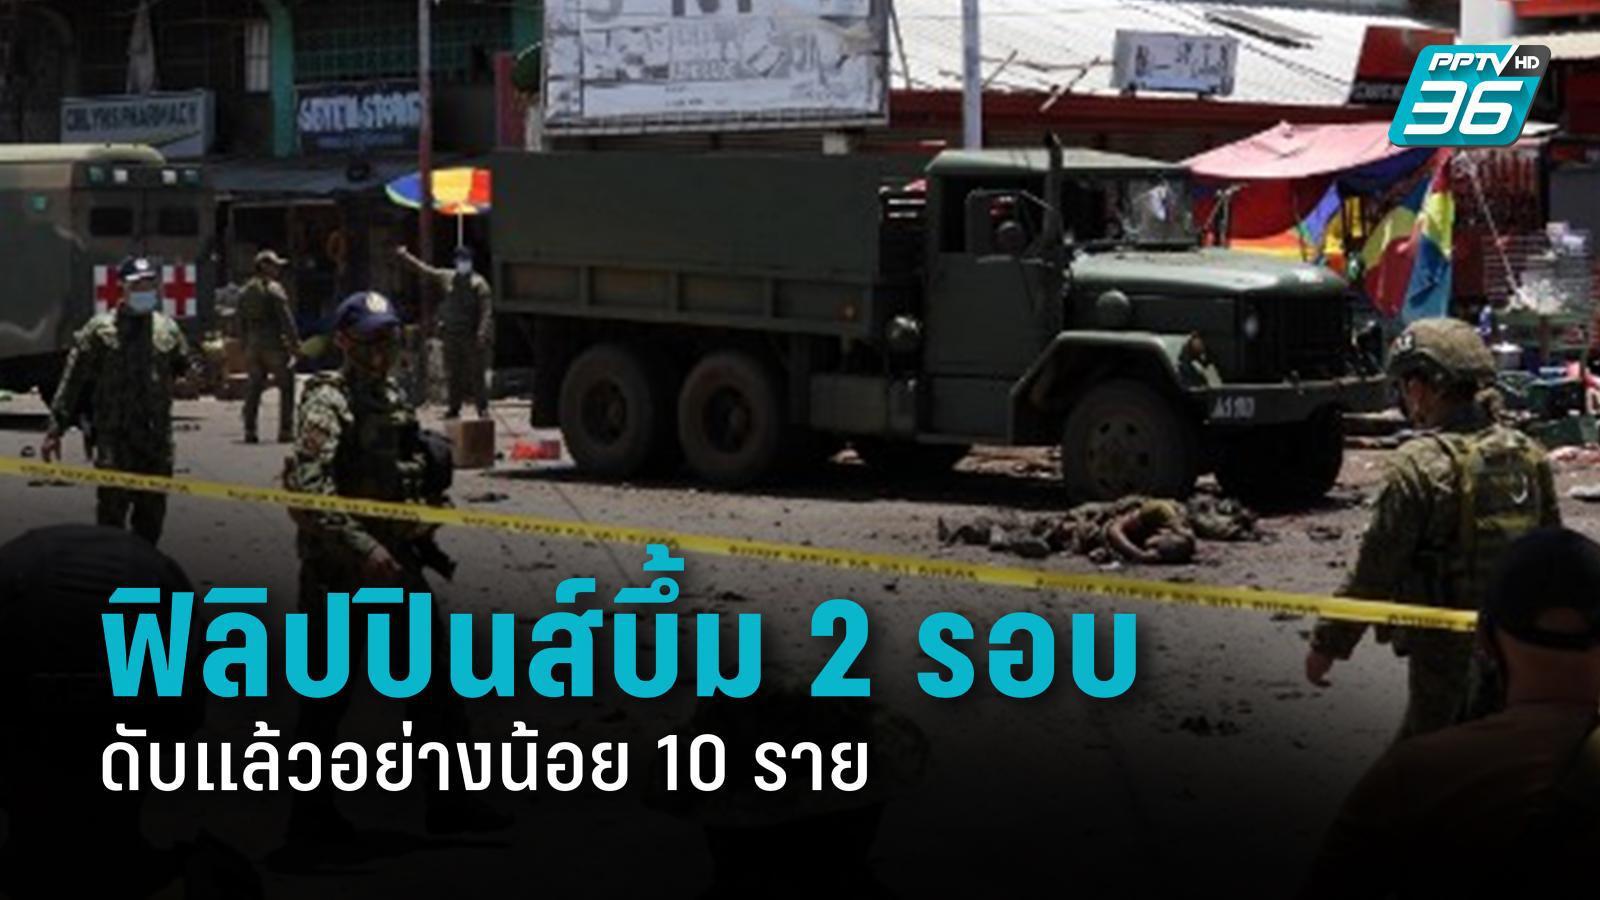 เกิดเหตุระเบิด 2 ครั้ง ในฟิลิปปินส์ดับแล้วอย่างน้อย 10 ราย